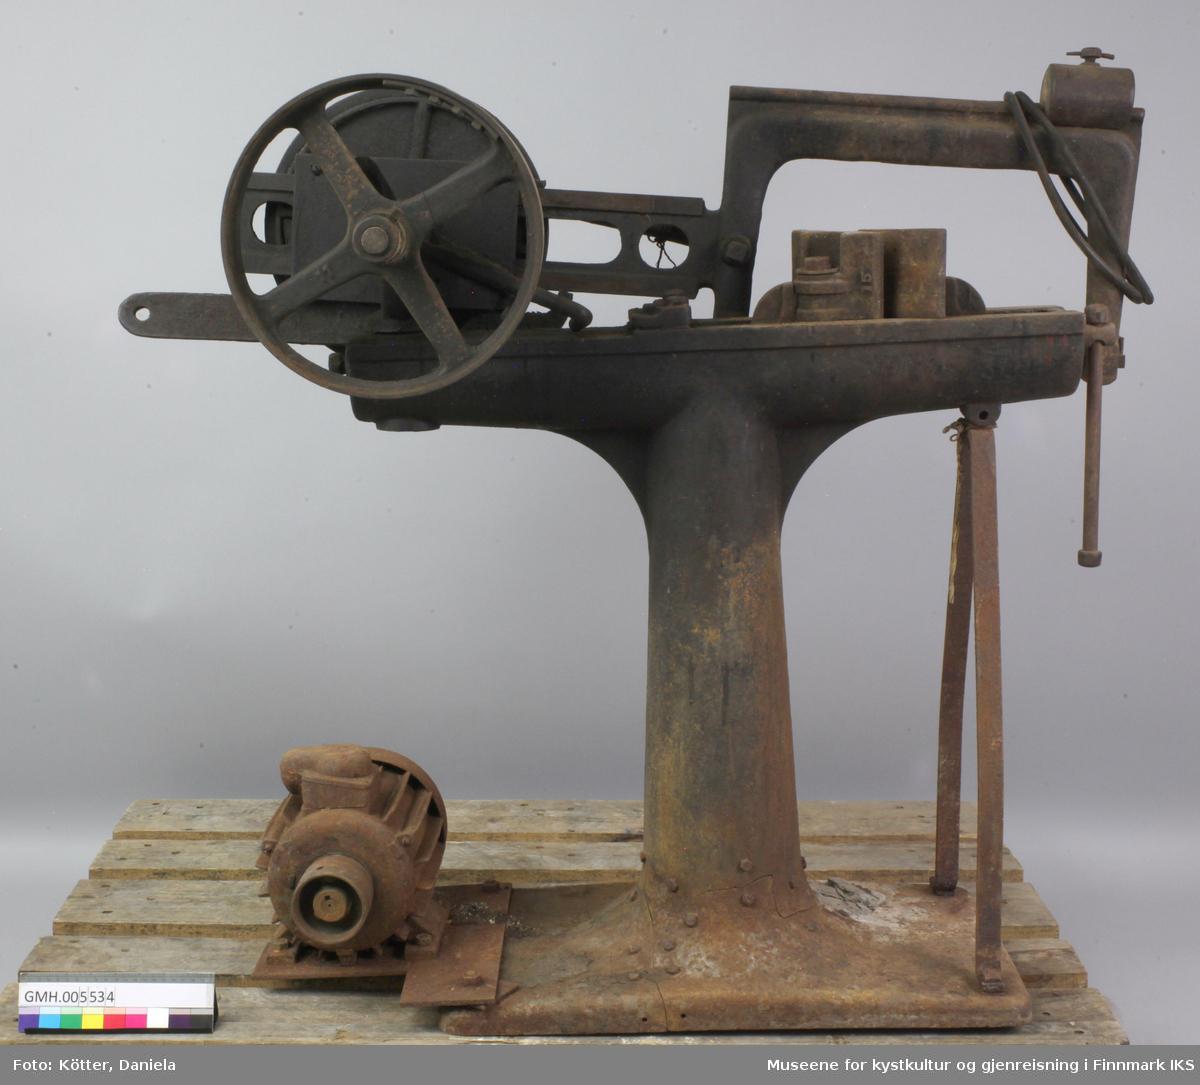 Gjæringssaga er laget av støpejern og bærer preg av lang og intens bruk. Søyla har en skade ved foten som ble reparert. Saga drives elektrisk. Ved foten er det en motor som driver et reim. Strømkabelen og reim mangler. Maskinen er oppbygd t-formet. Reima fra motoren føres over et hjul på ene enden av T'en. Dette hjulet er forbundet med en arm som i enden har en festeanordning for et sagblad som beveges frem og tilbake når hjulet roterer. På motstående side av T'en er det en festeanordning for emnet som skal sages. Her kan vinkelen justeres.